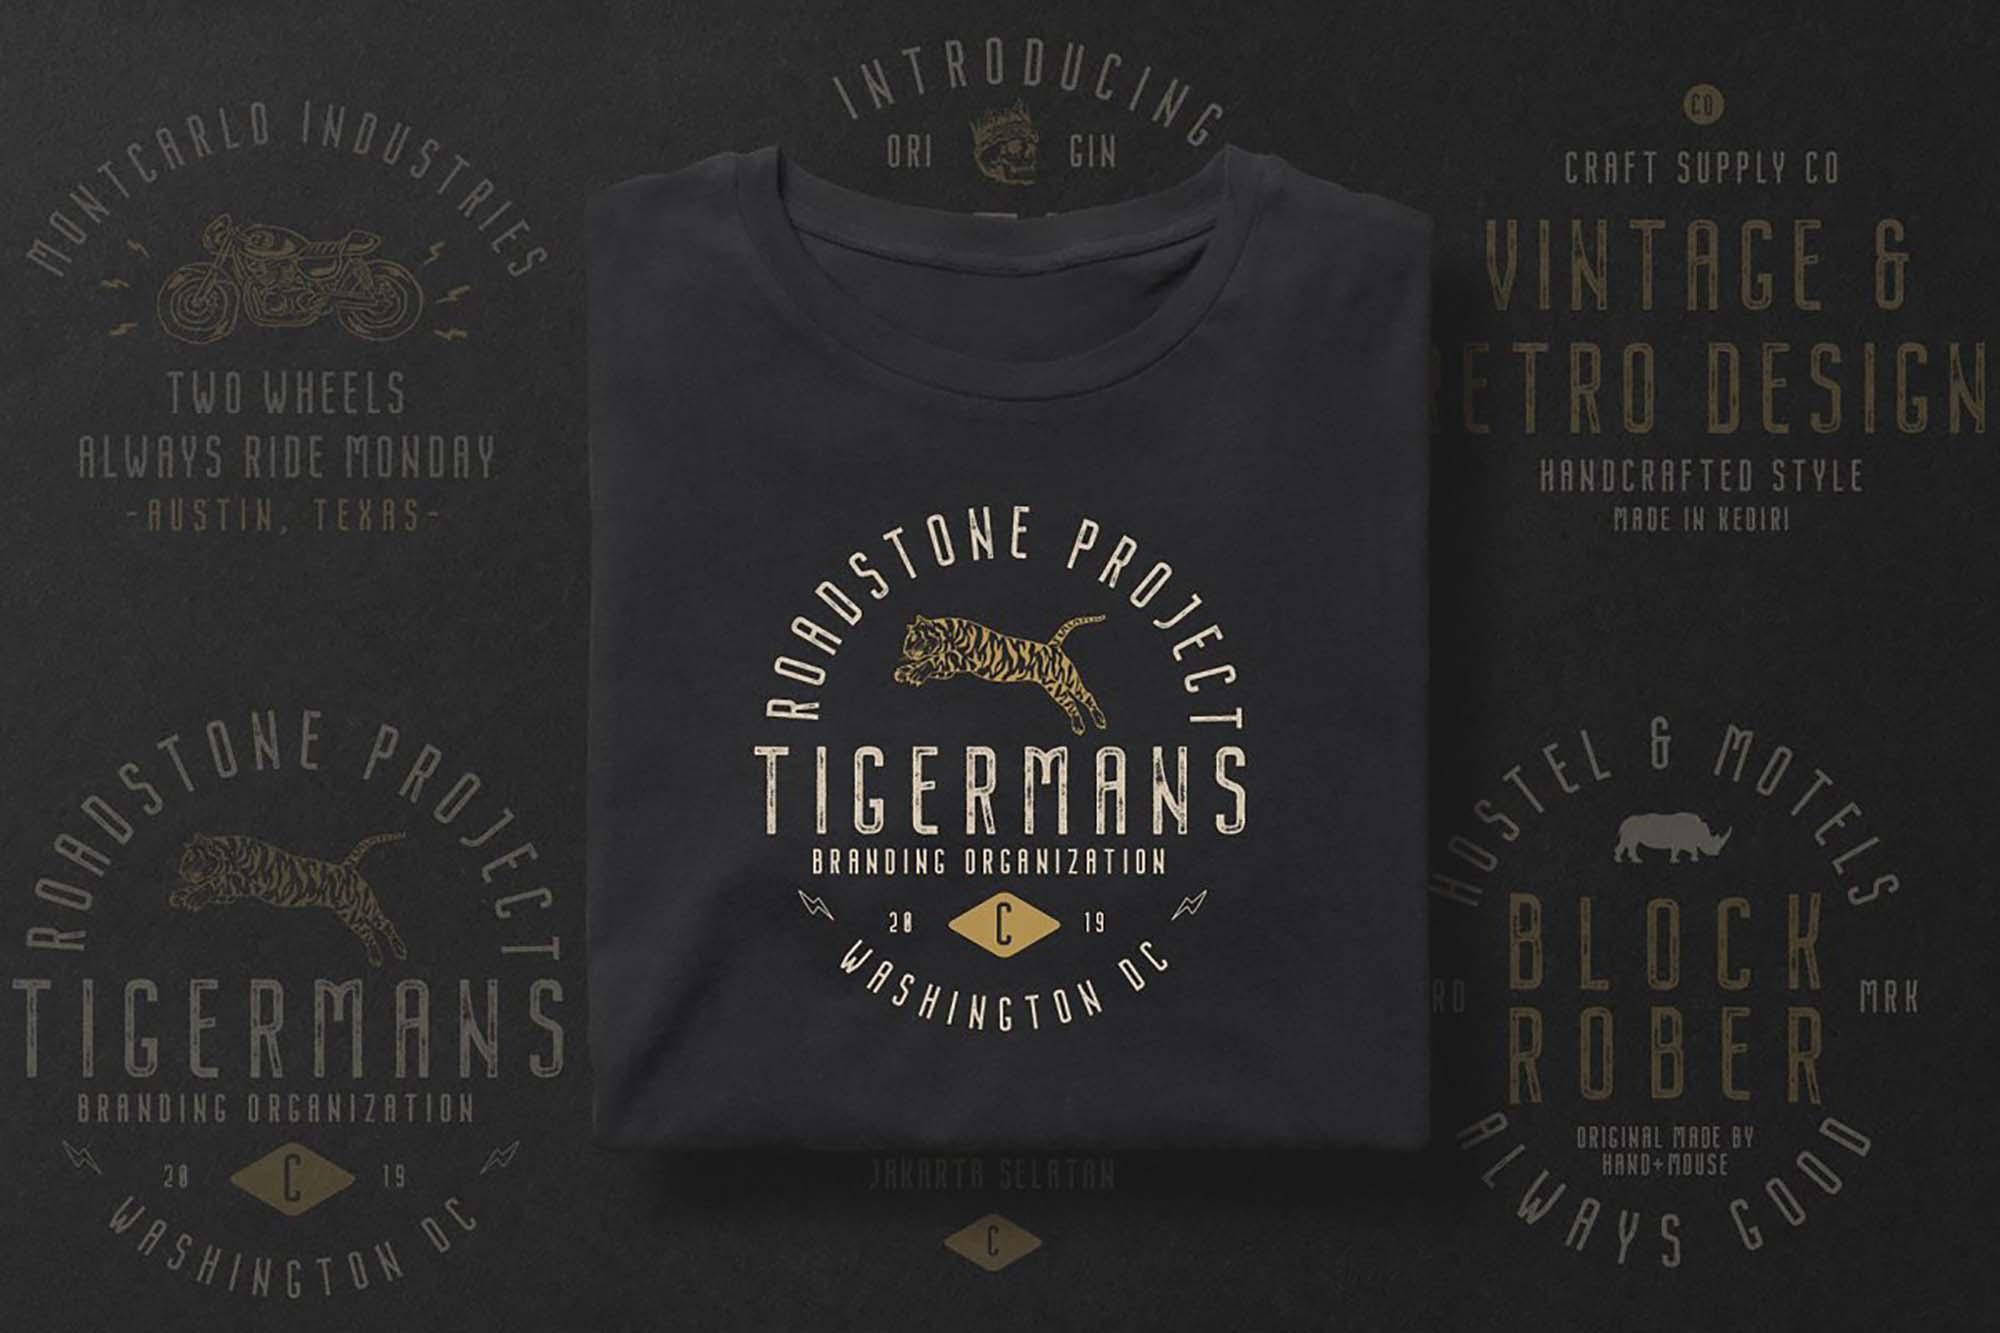 Nordin Vintage Font on T-Shirt